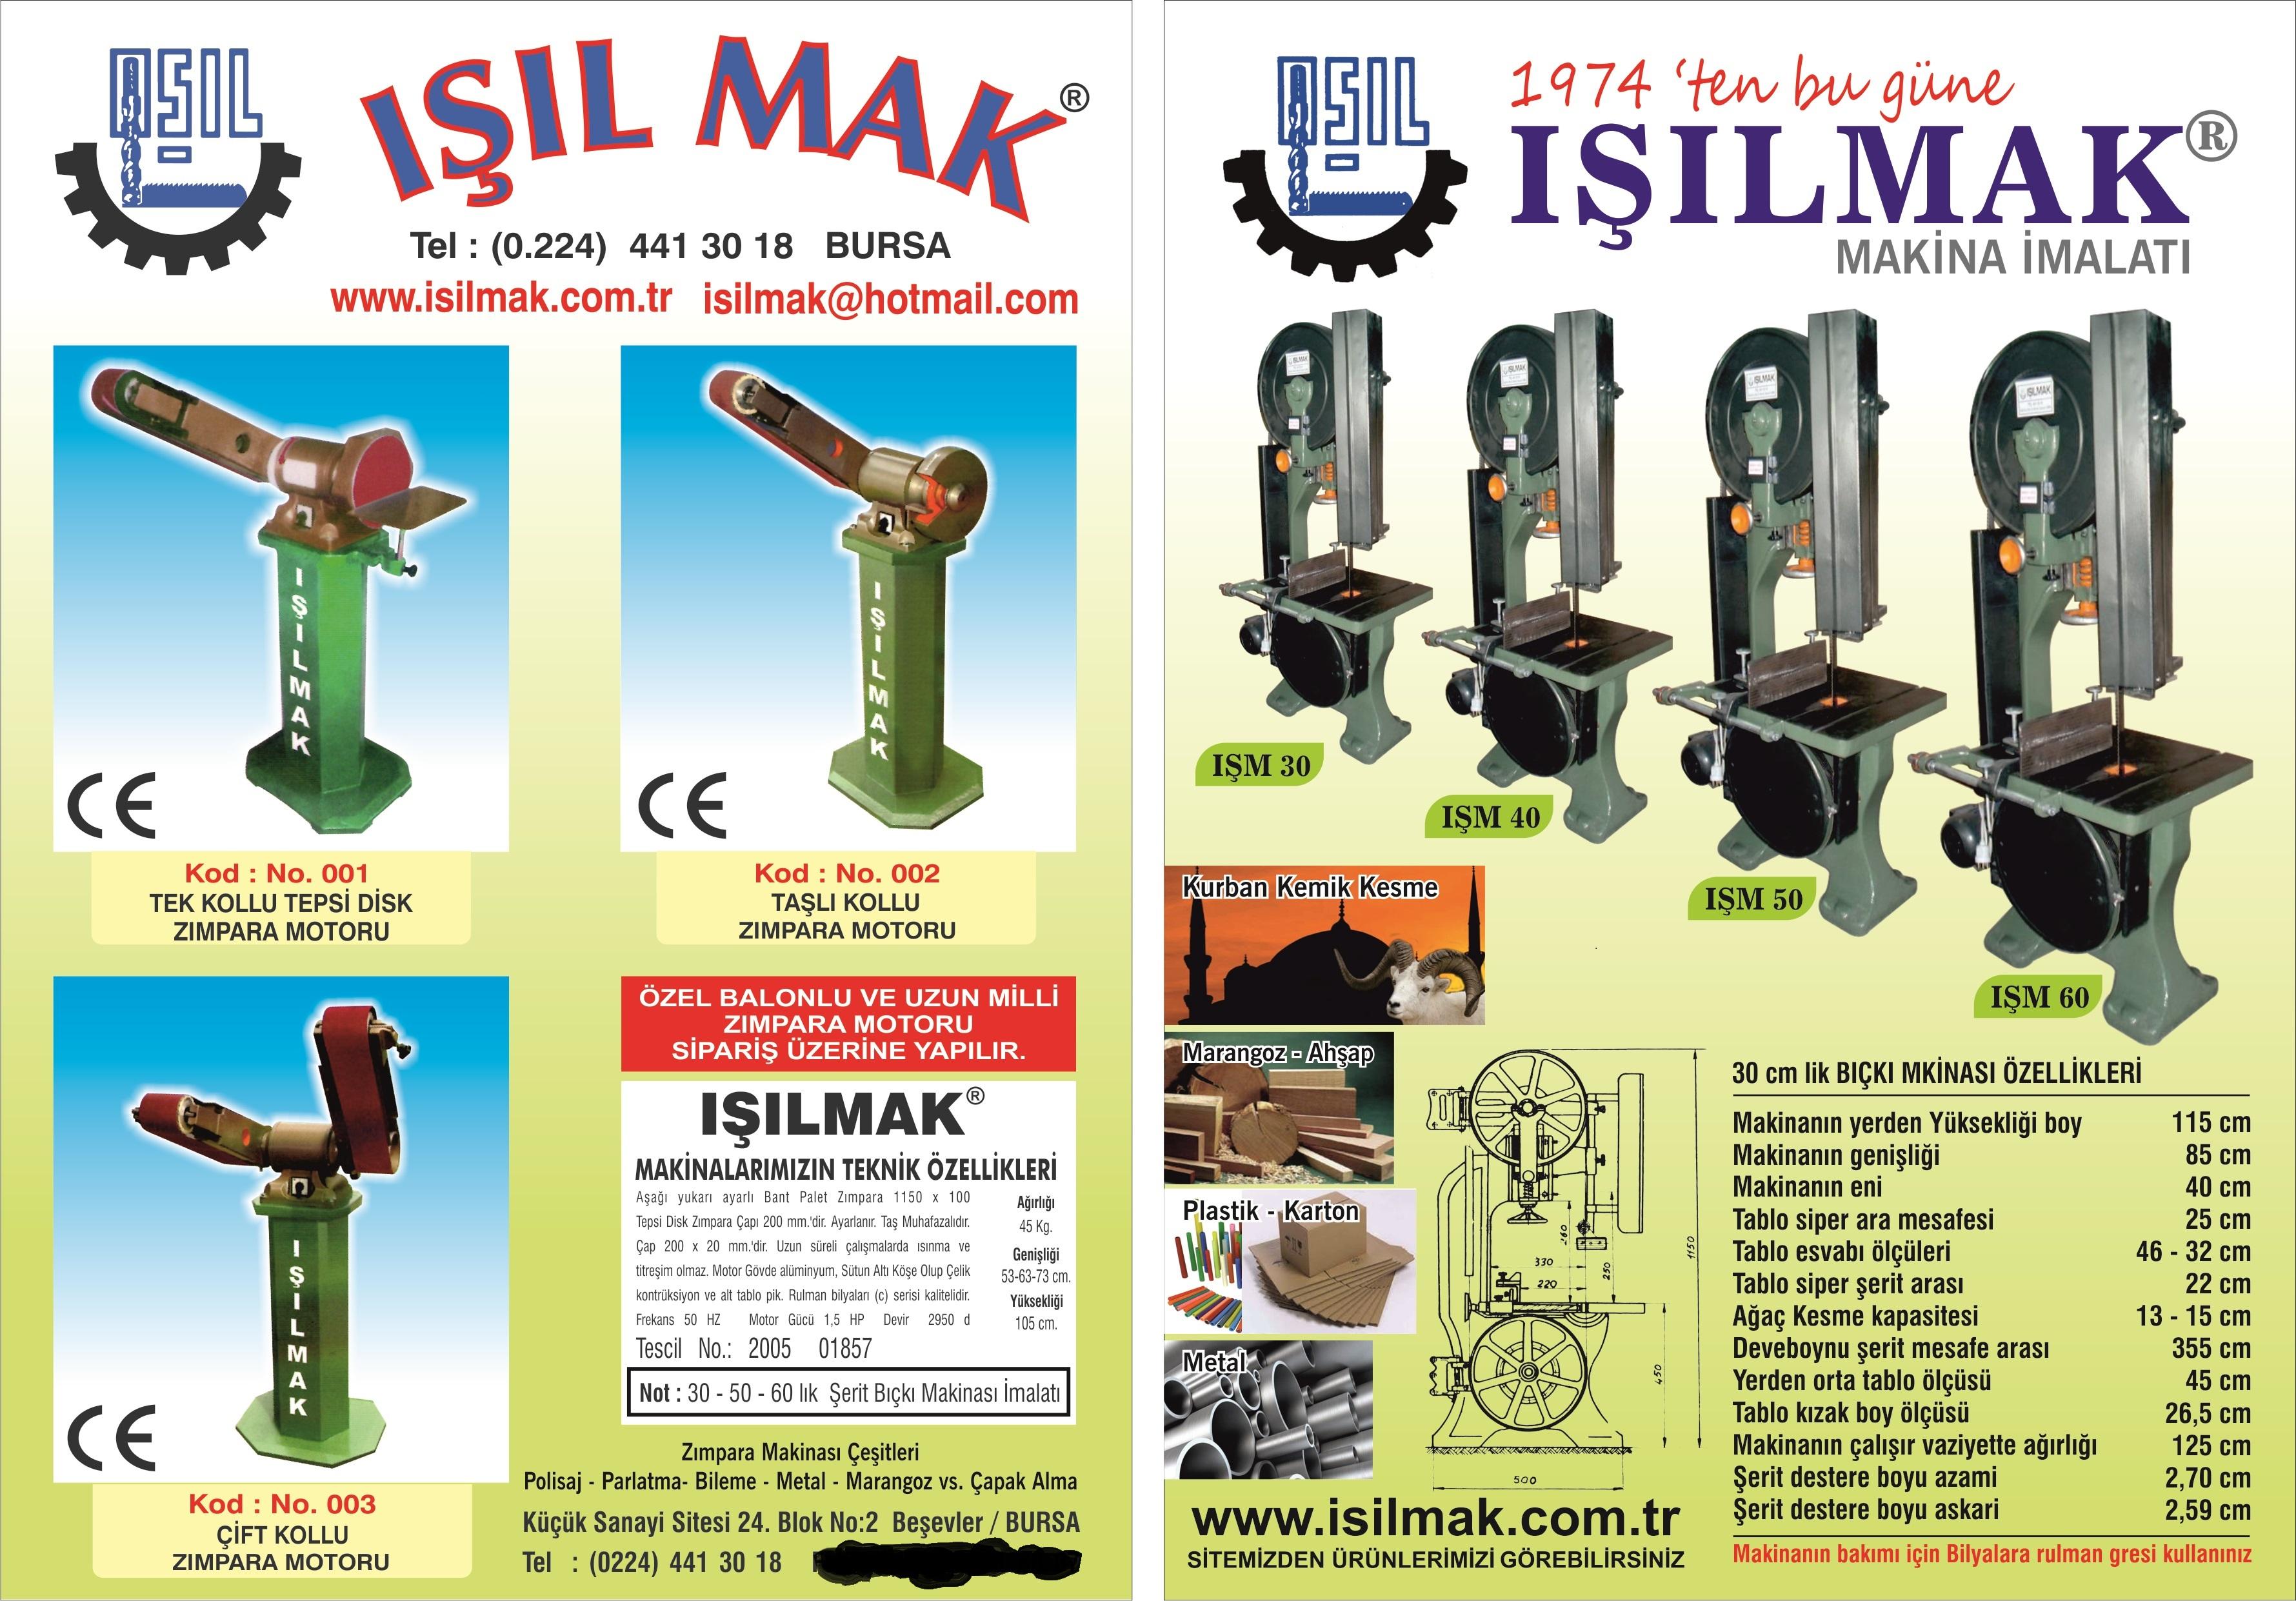 IŞILMAK SERİT - ryuklemobi